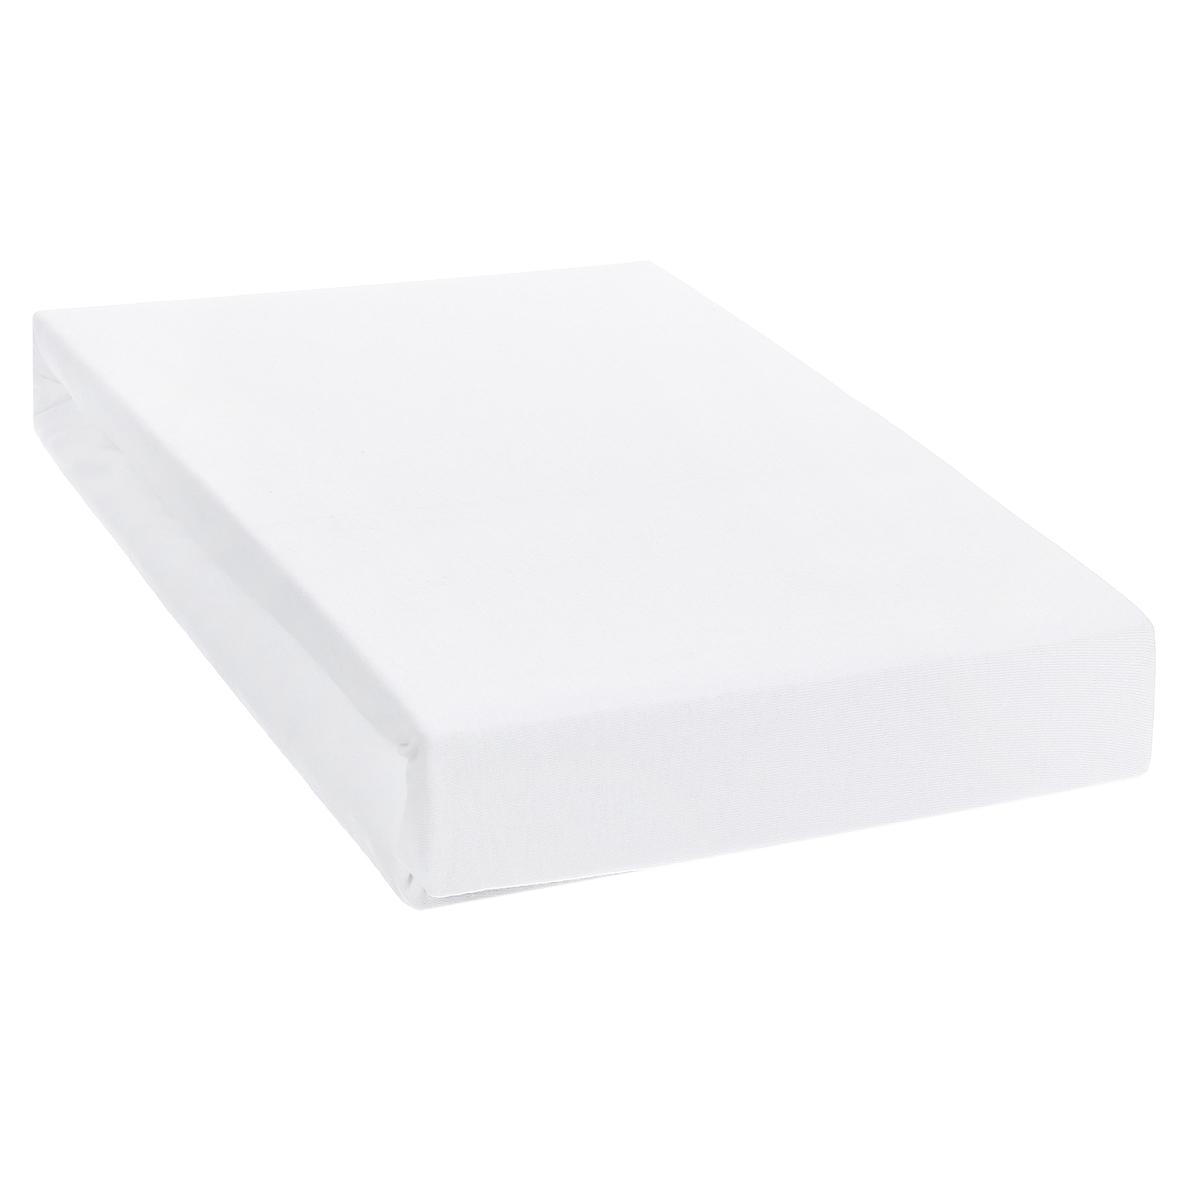 Простыня на резинке Tete-a-Tete, цвет: снег, 180 см х 200 смТ-ПР-3002Однотонная простыня на резинке Tete-a-Tete выполнена из натурального хлопка. Высочайшее качество материала гарантирует безопасность не только взрослых, но и самых маленьких членов семьи. Простыня гармонично впишется в интерьер вашего дома и создаст атмосферу уюта и комфорта. Особенности коллекции Tete-a-Tete: - выдерживает более 100 стирок практически без изменения внешнего вида, - модные цвета и стойкие оттенки, - минимальная усадка, - надежные резинки и износостойкая ткань, - безупречное качество, - гиппоаллергенно. Коллекция Tete-a-Tete специально создана для практичных людей, которые ценят качество и долговечность вещей, окружают своих близких теплотой и заботой.